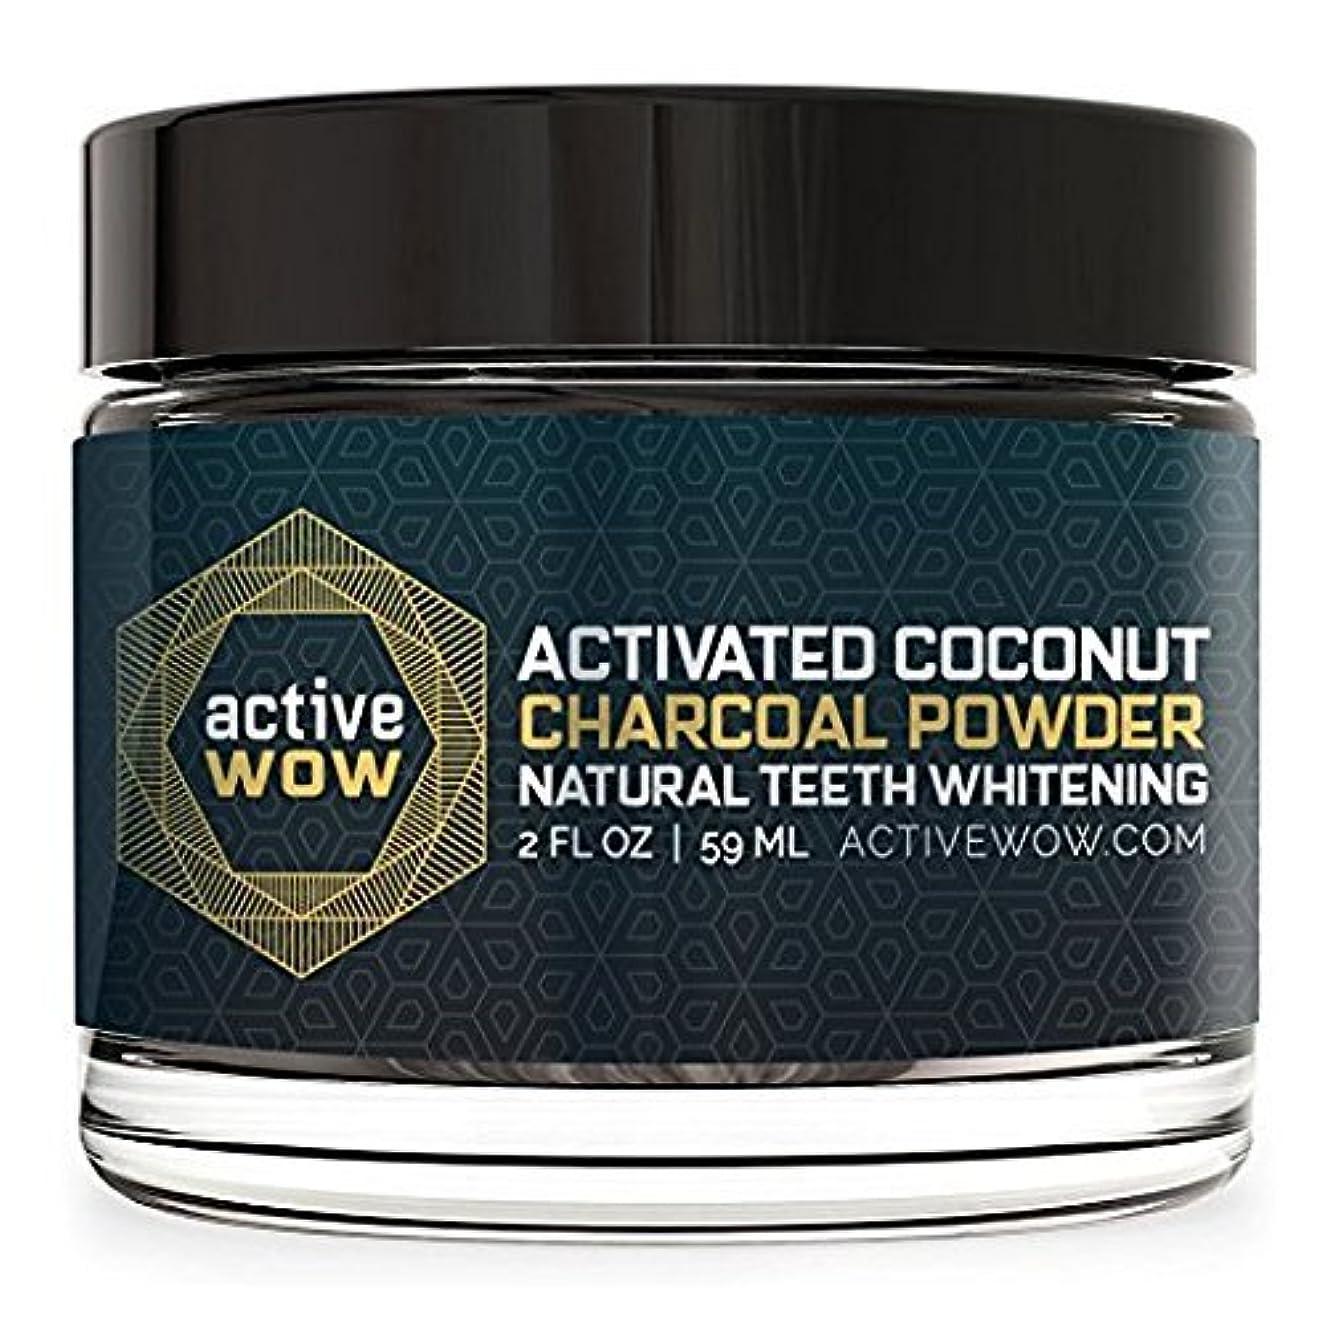 陪審バッジほこりっぽいアメリカで売れている 炭パウダー歯のホワイトニング Teeth Whitening Charcoal Powder Natural [並行輸入品]